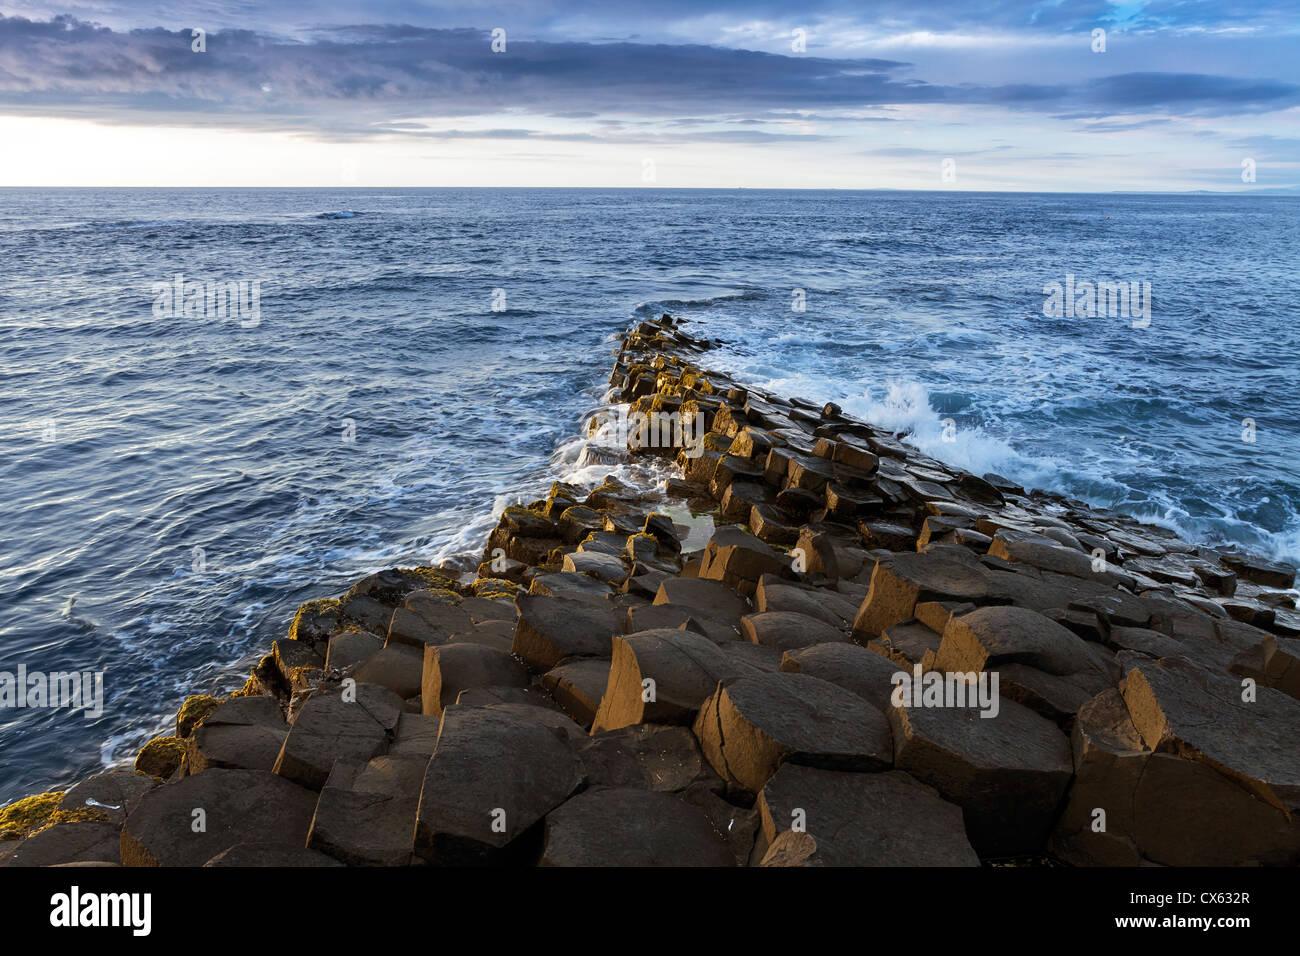 Giants Causeway - Stock Image